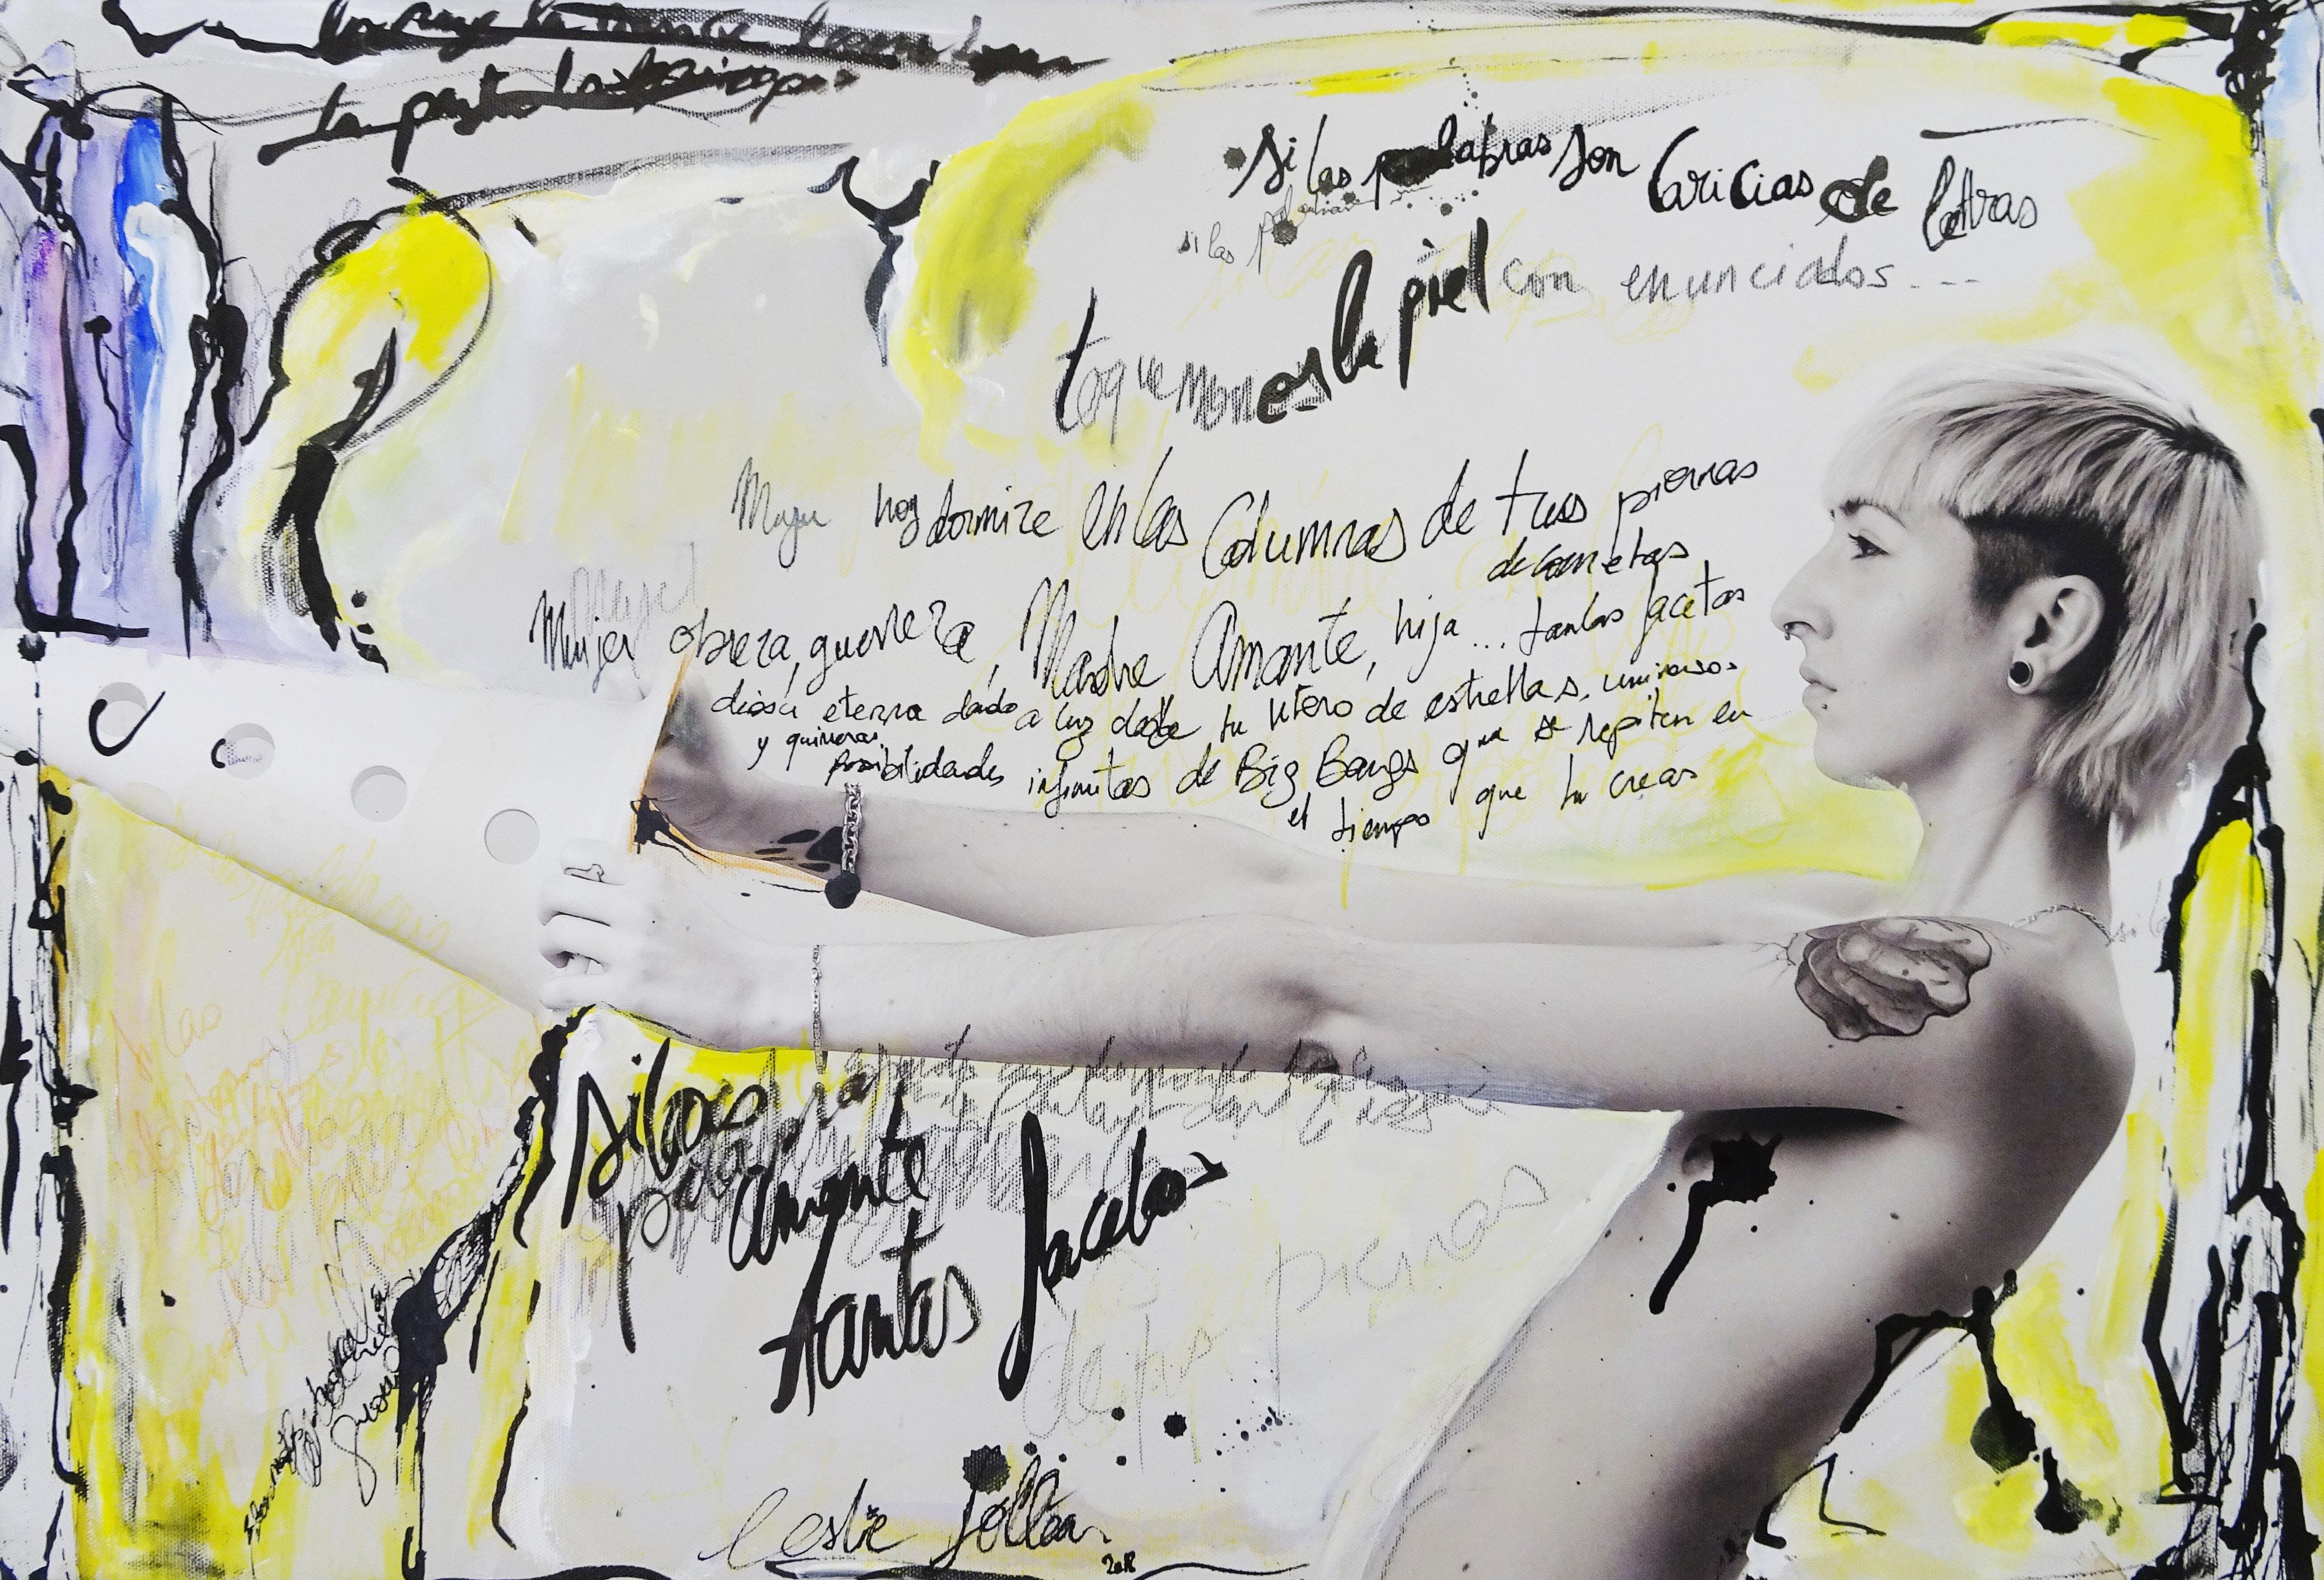 Leslie Follea sur une photo de Etienne Ruggeri